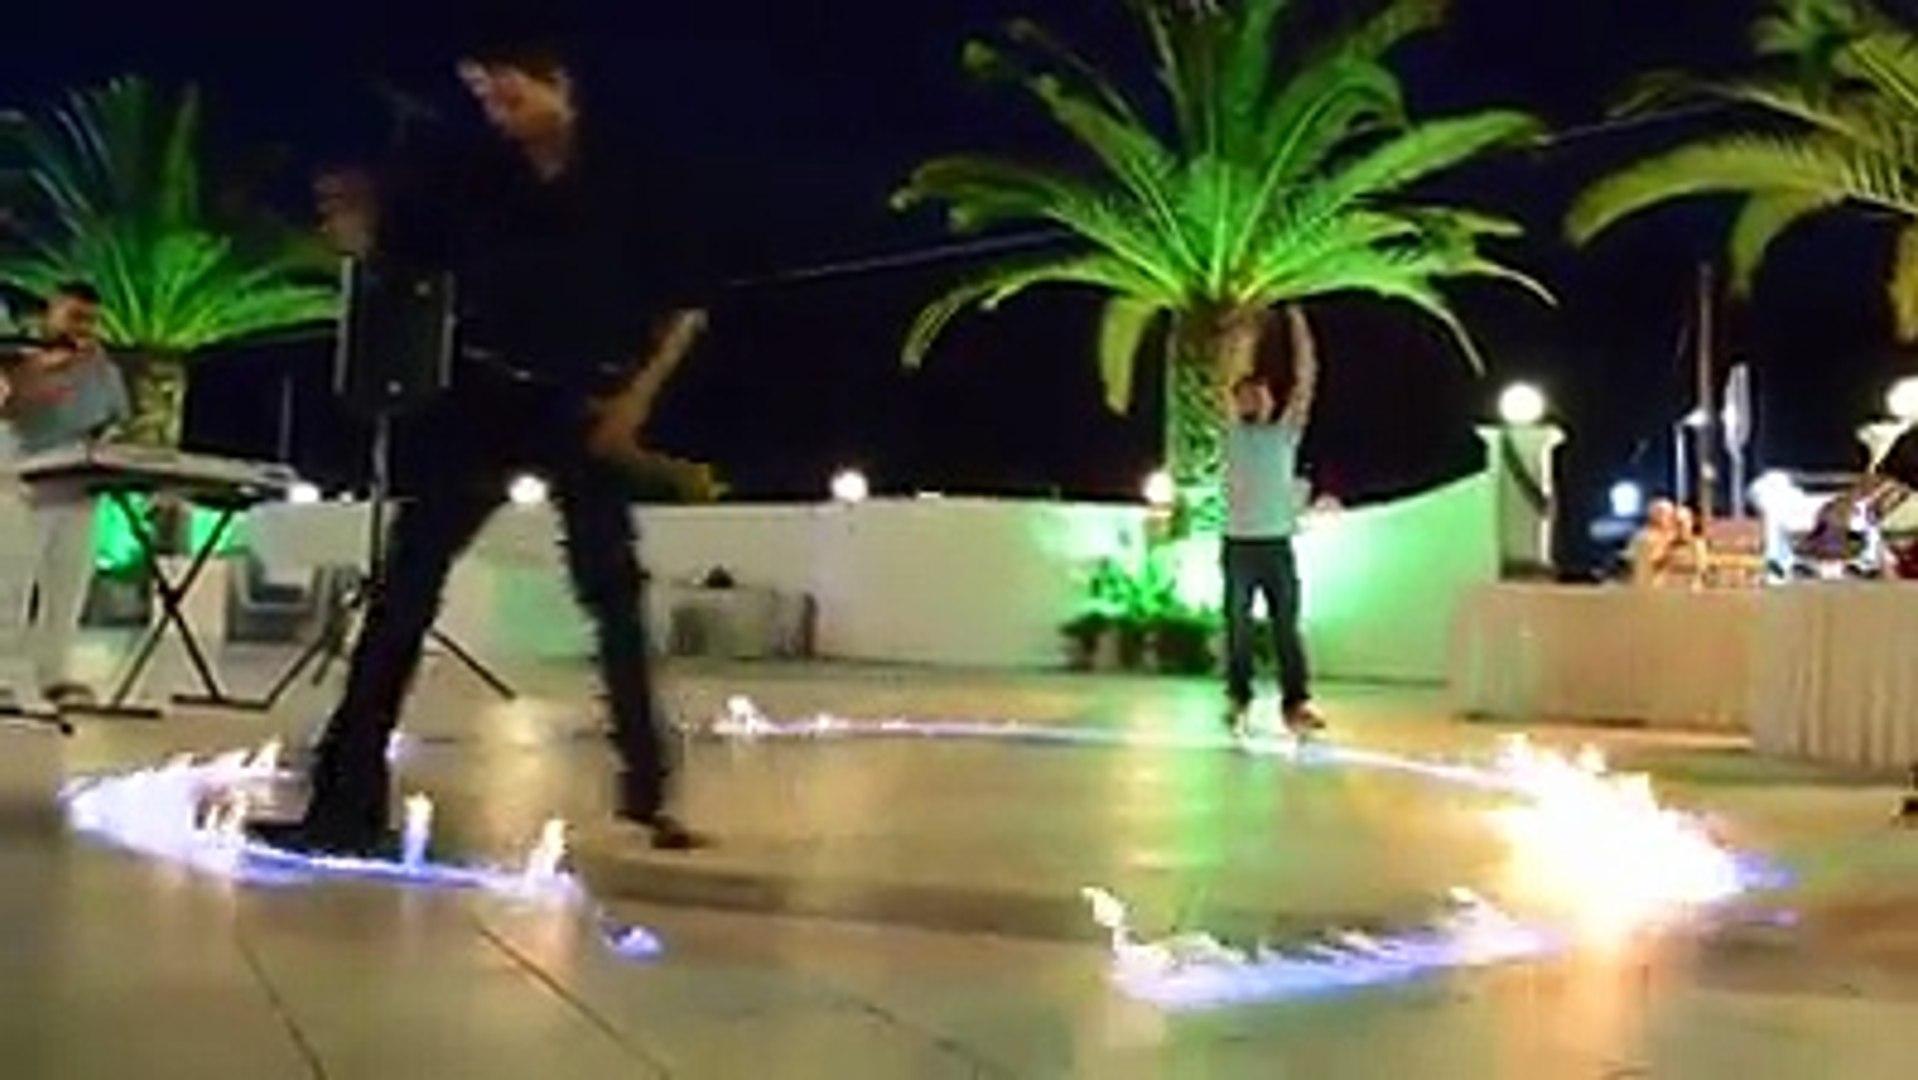 Greece on fire - Zorba dance